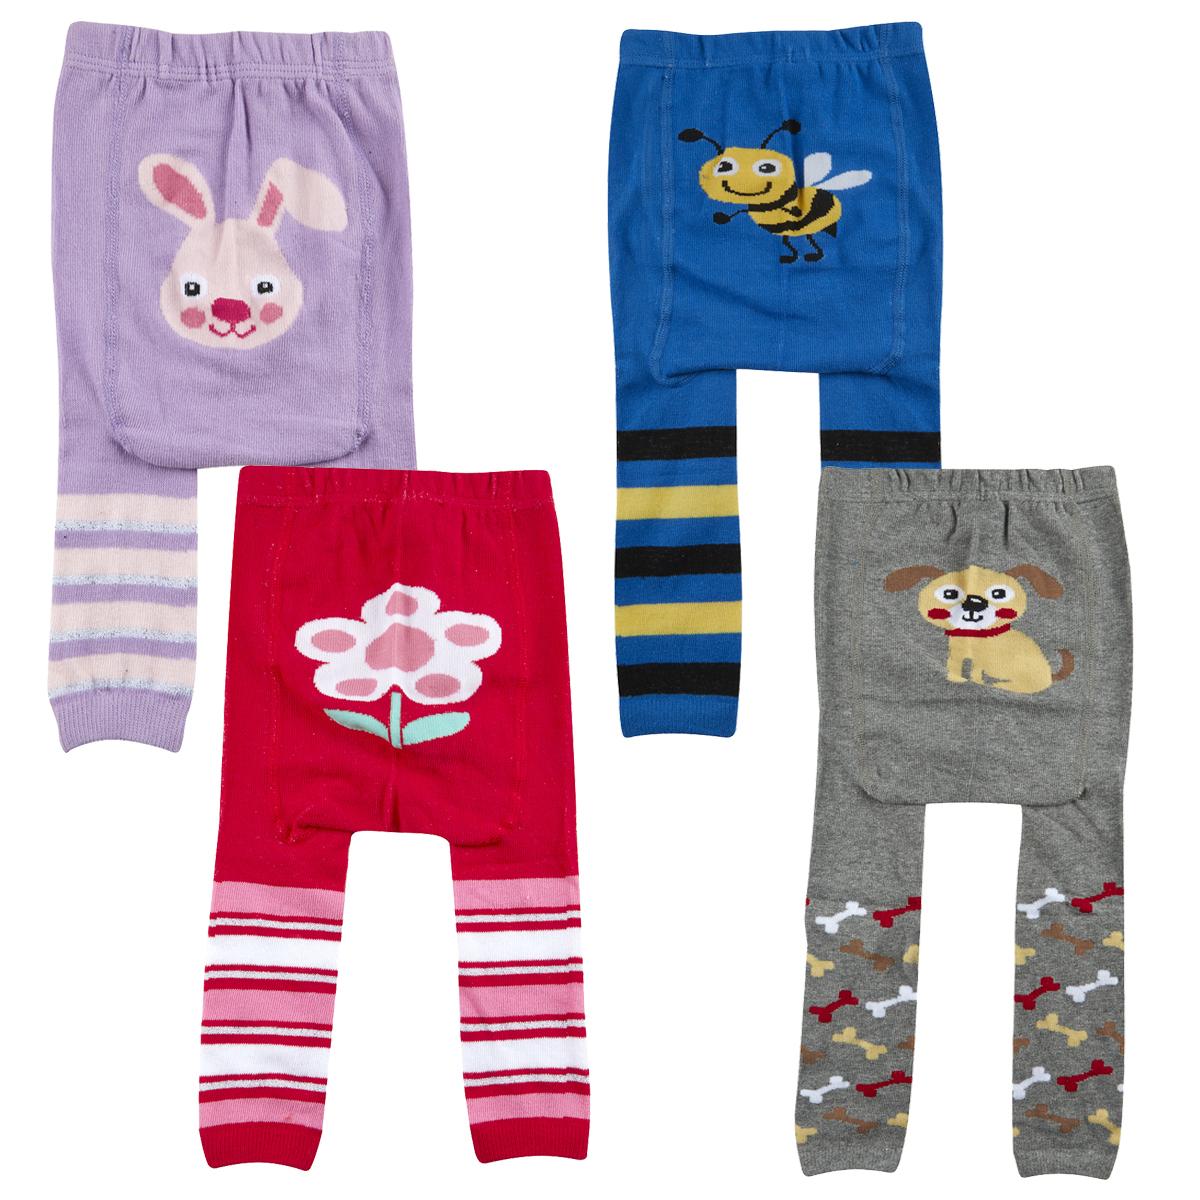 2 Pack Baby Babies Panel Leggings Footless Tights Printed Design ...